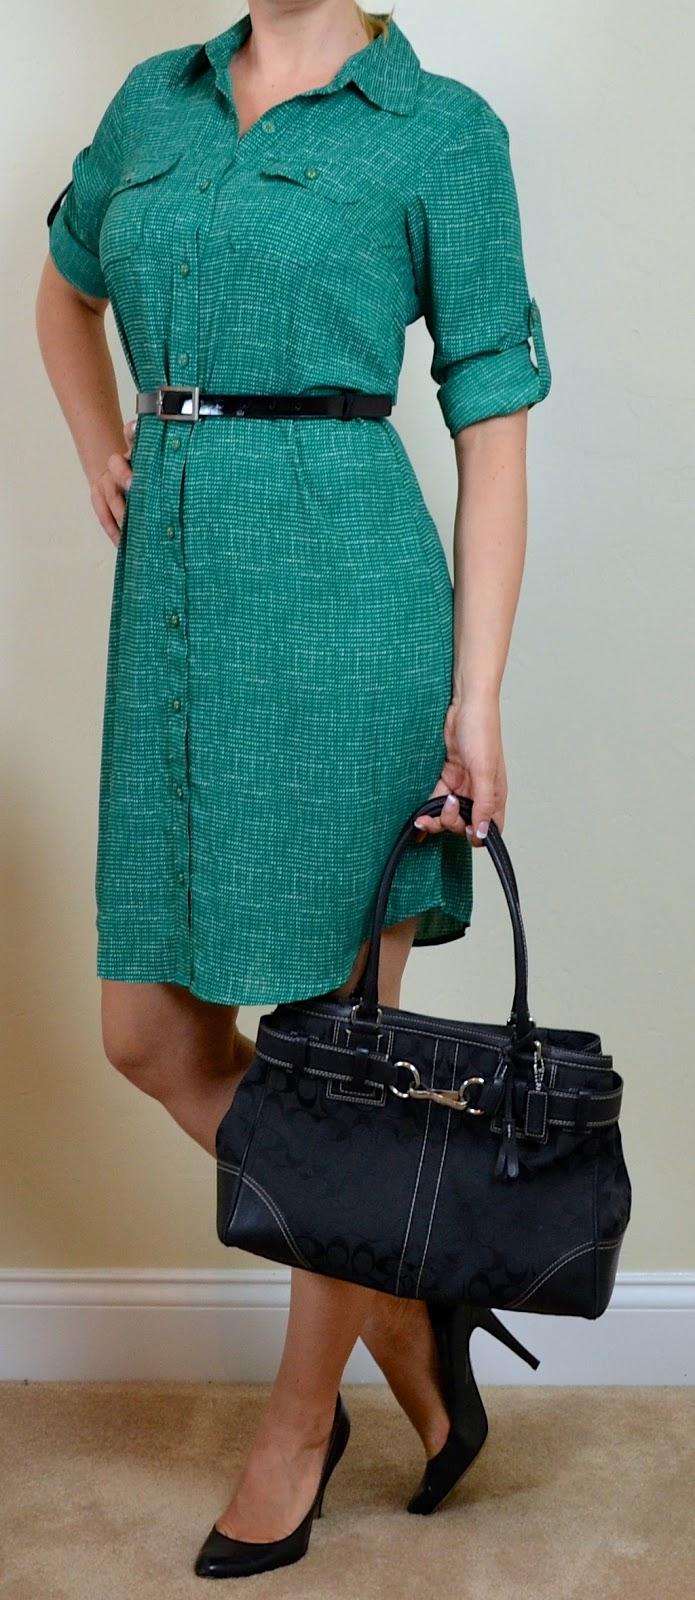 79f09-greenshirtdress